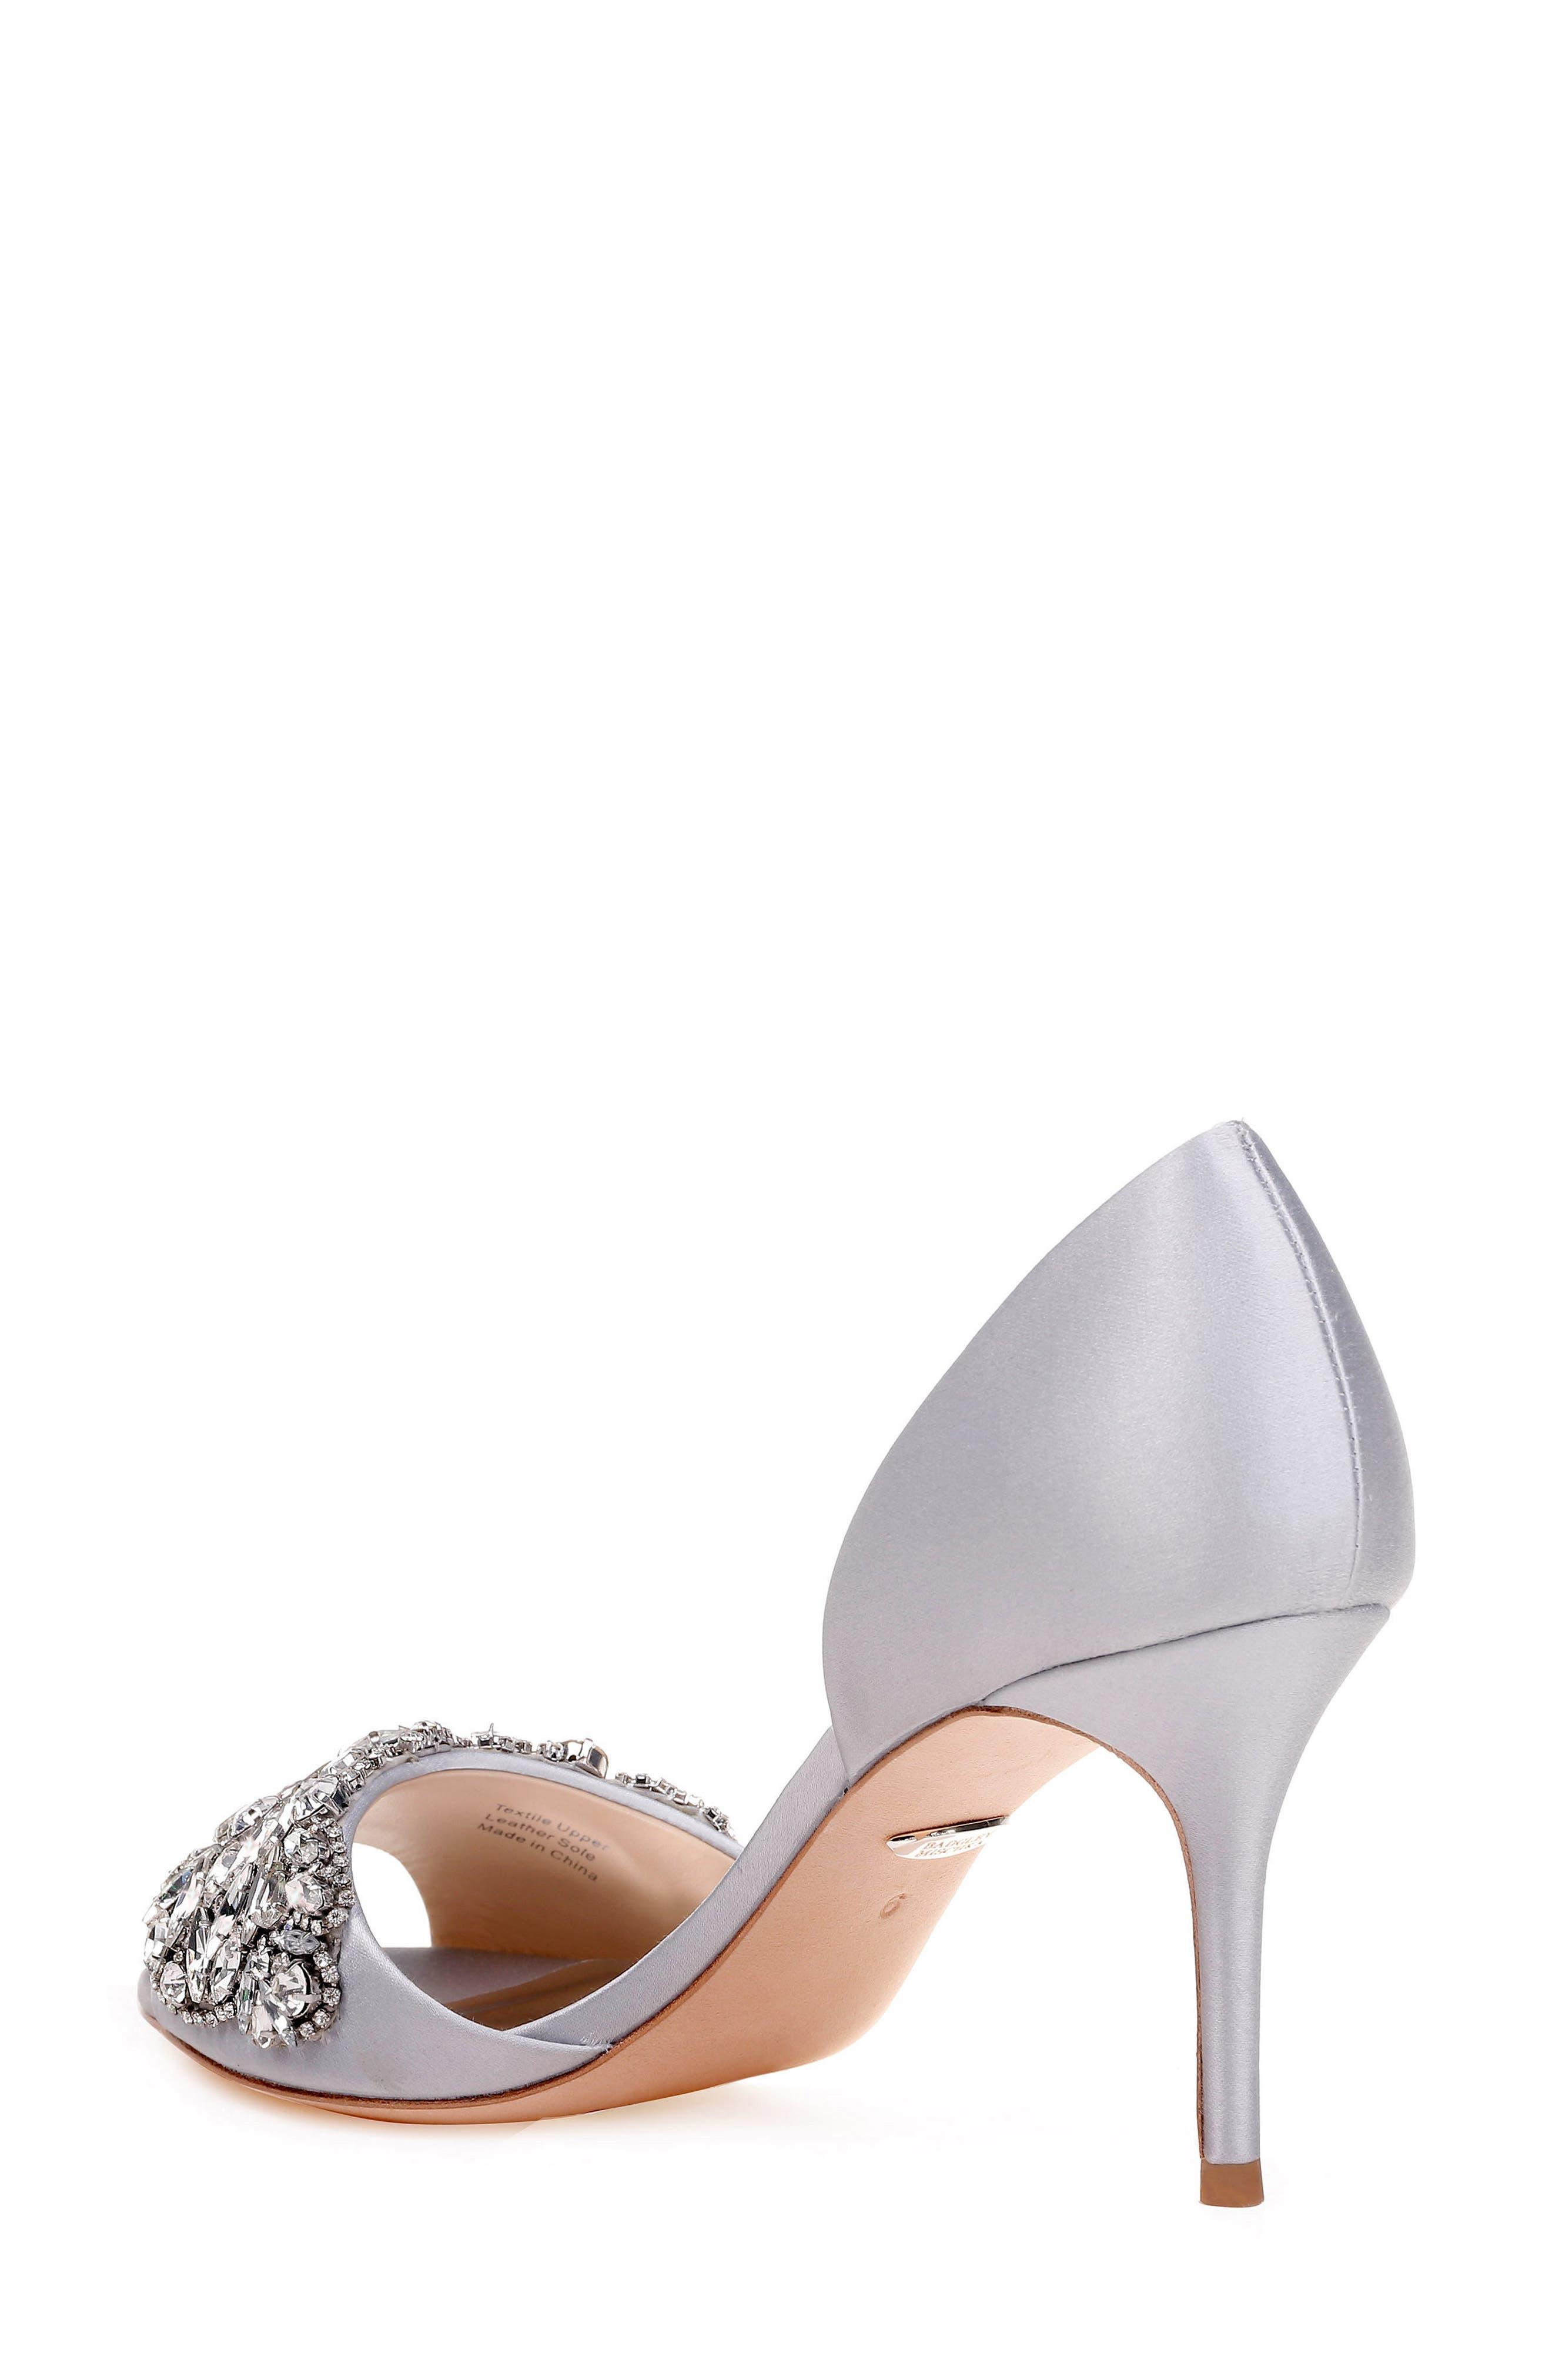 Hansen Crystal Embellished Sandal,                             Alternate thumbnail 2, color,                             Silver Satin